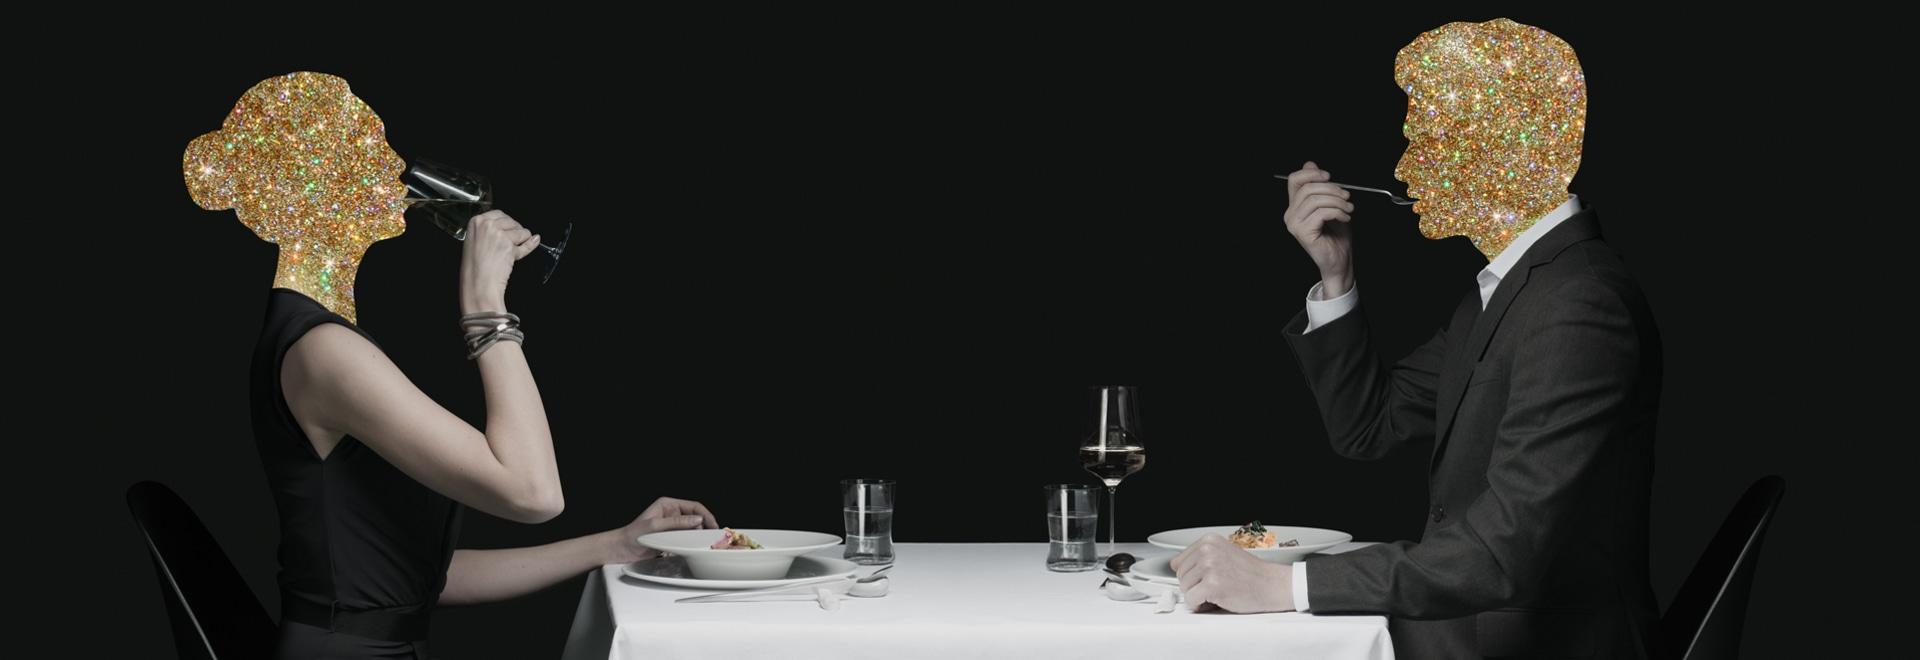 Chef. Max Poggi Restaurant